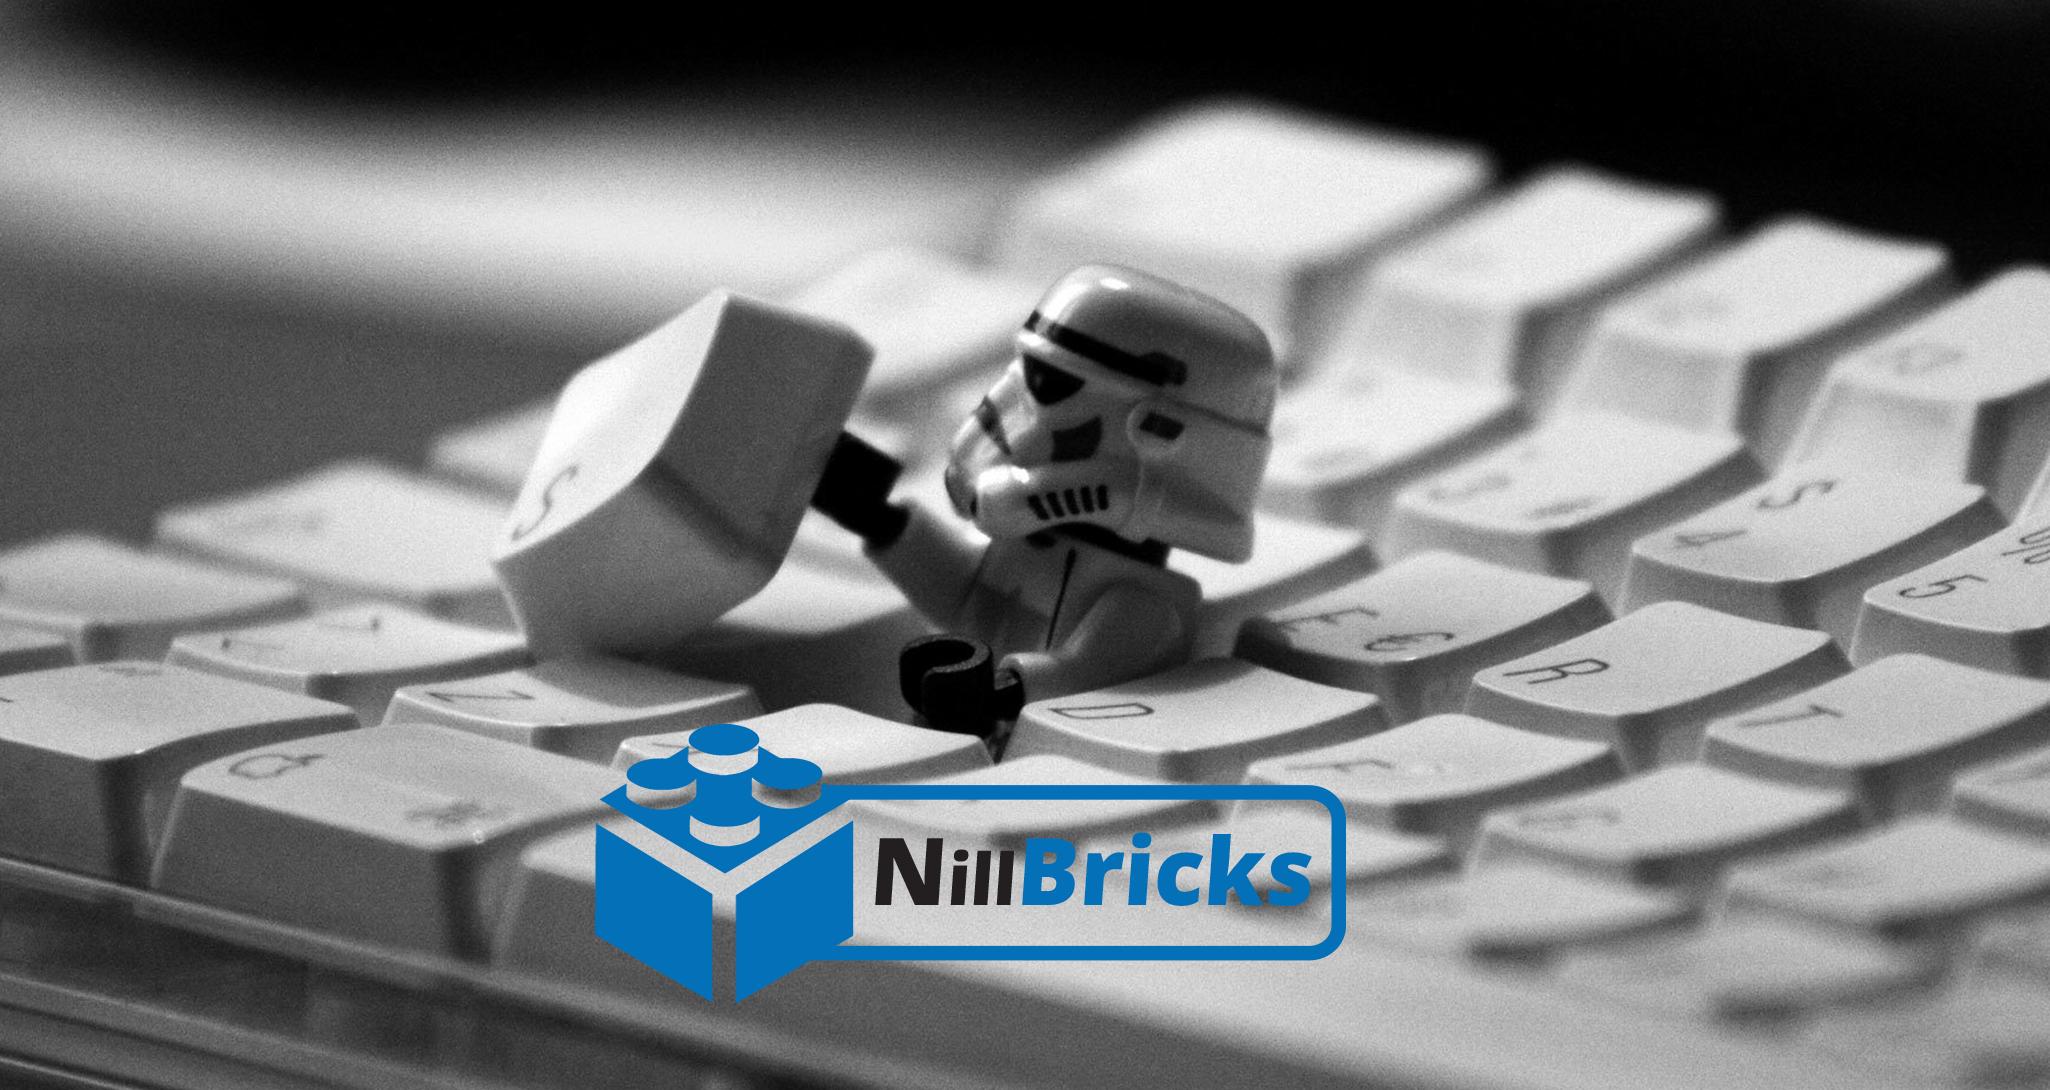 nilbricks